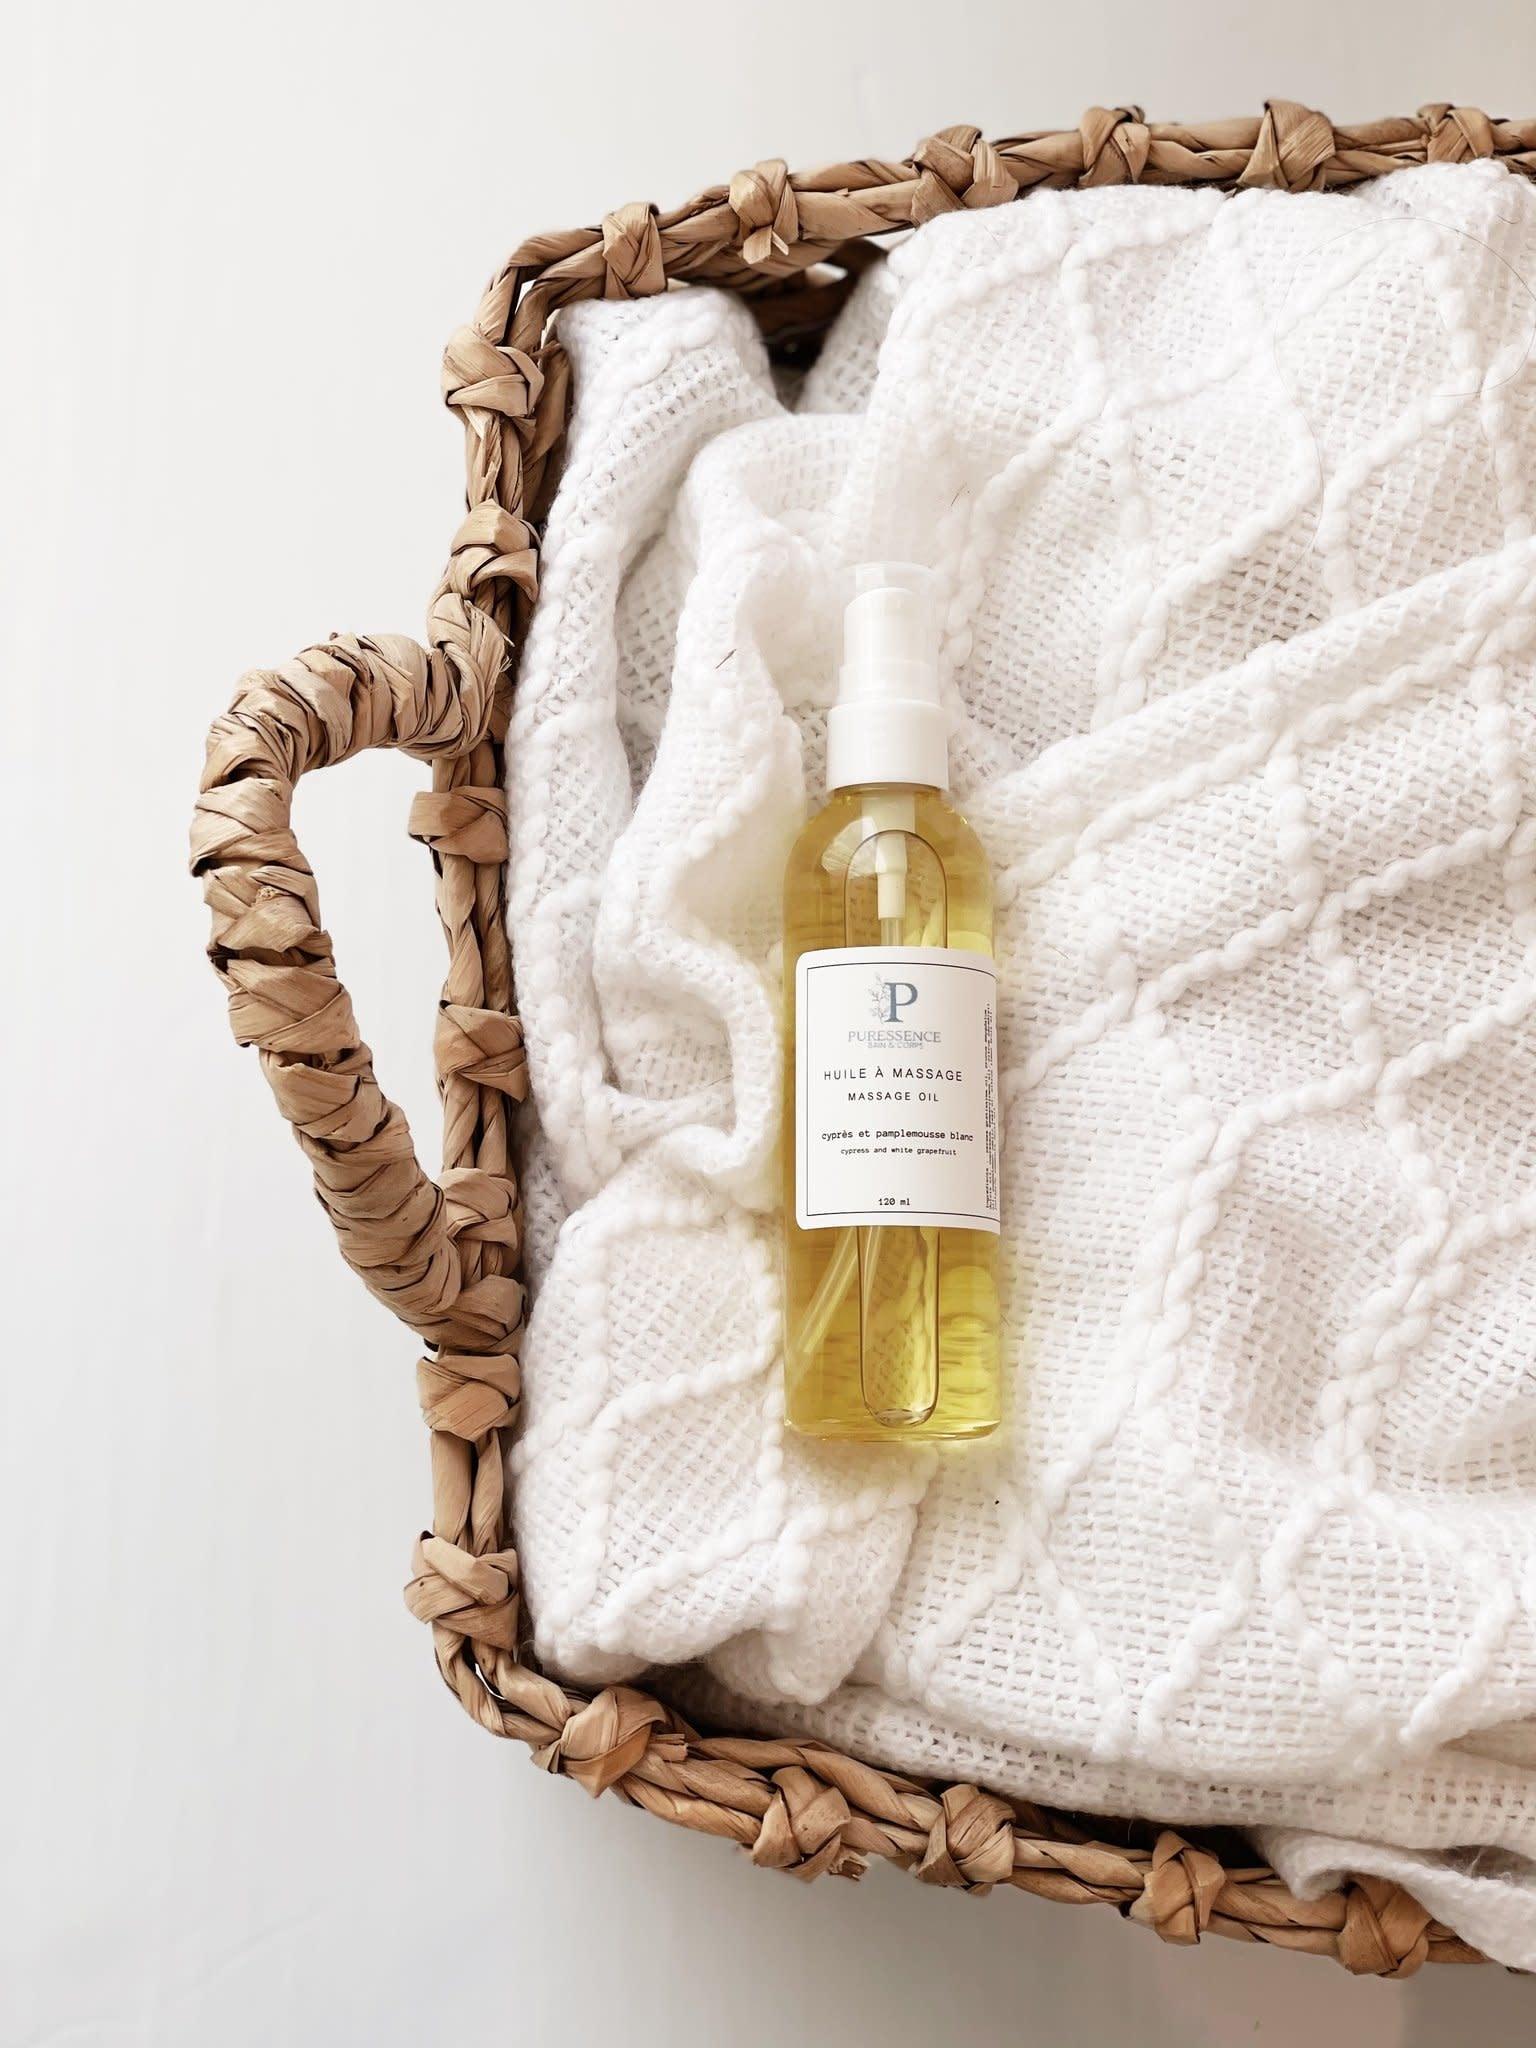 Puressence Bain & Corps PURESSENCE Bain & Corps : Huile de massage Cyprès et pamplemousse blanc